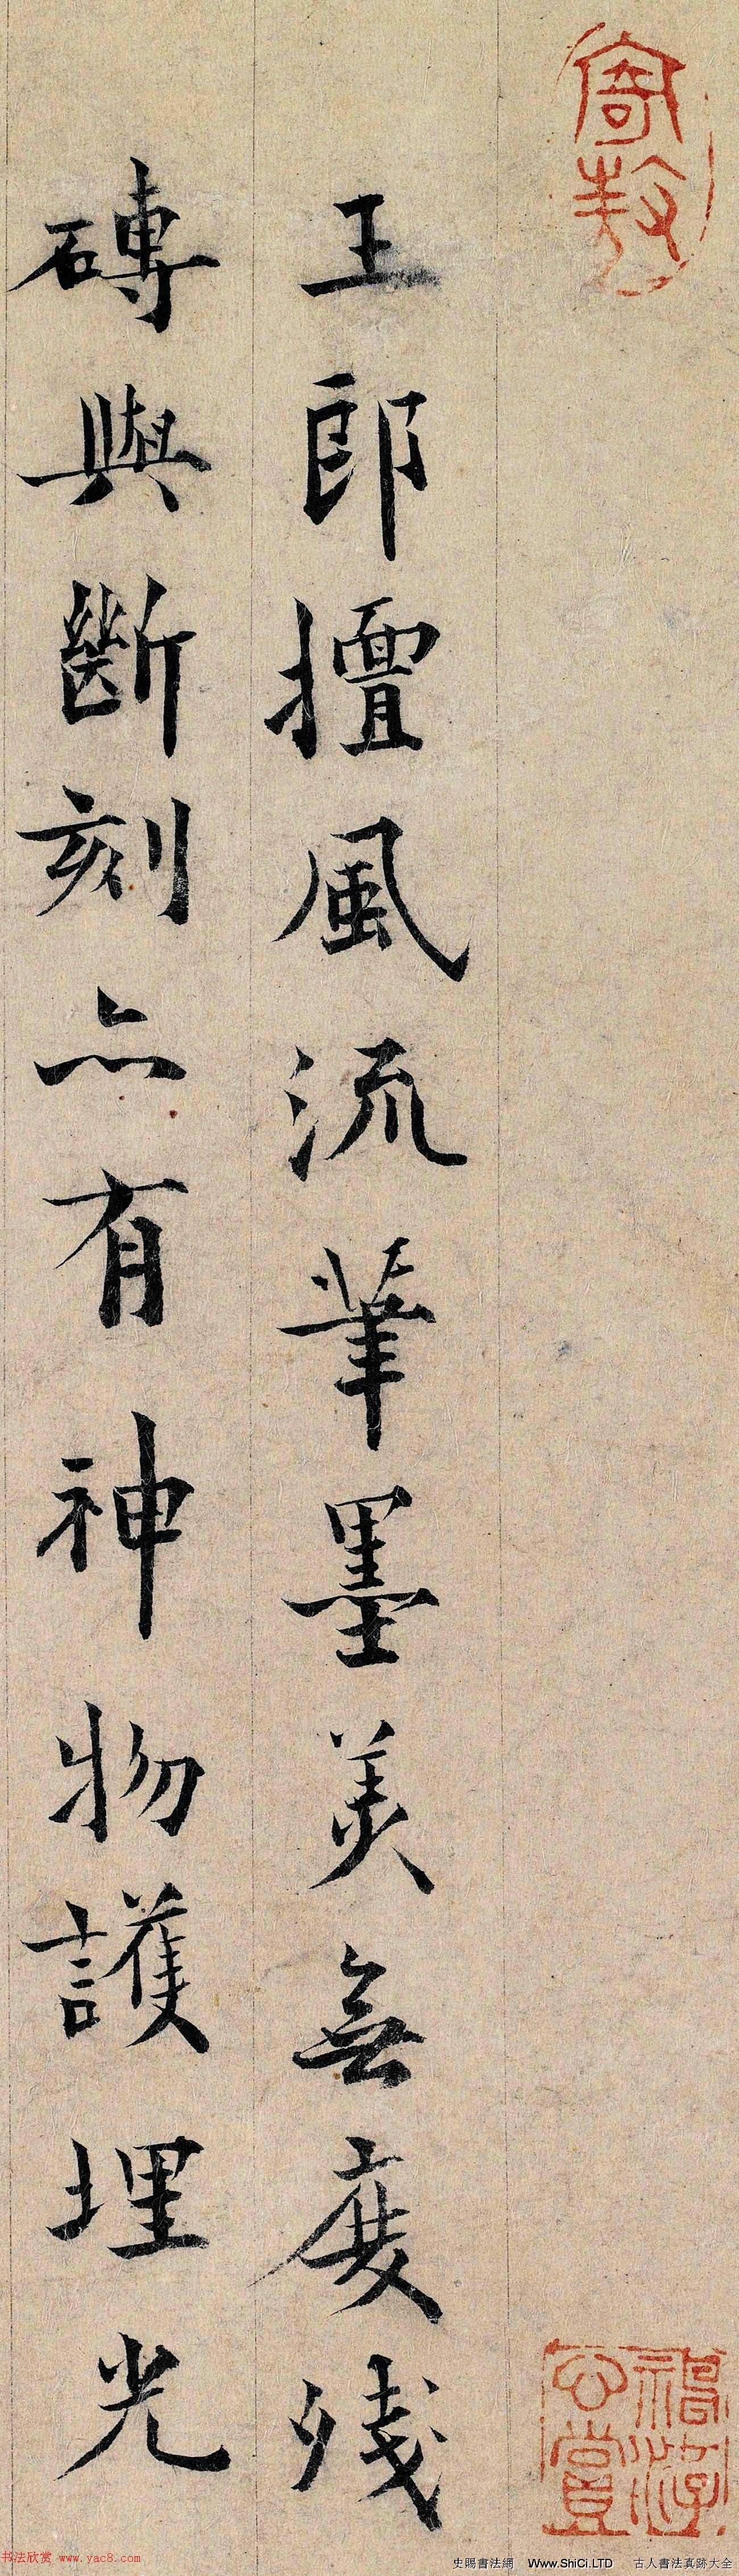 宋元間文學家周密書法墨跡欣賞